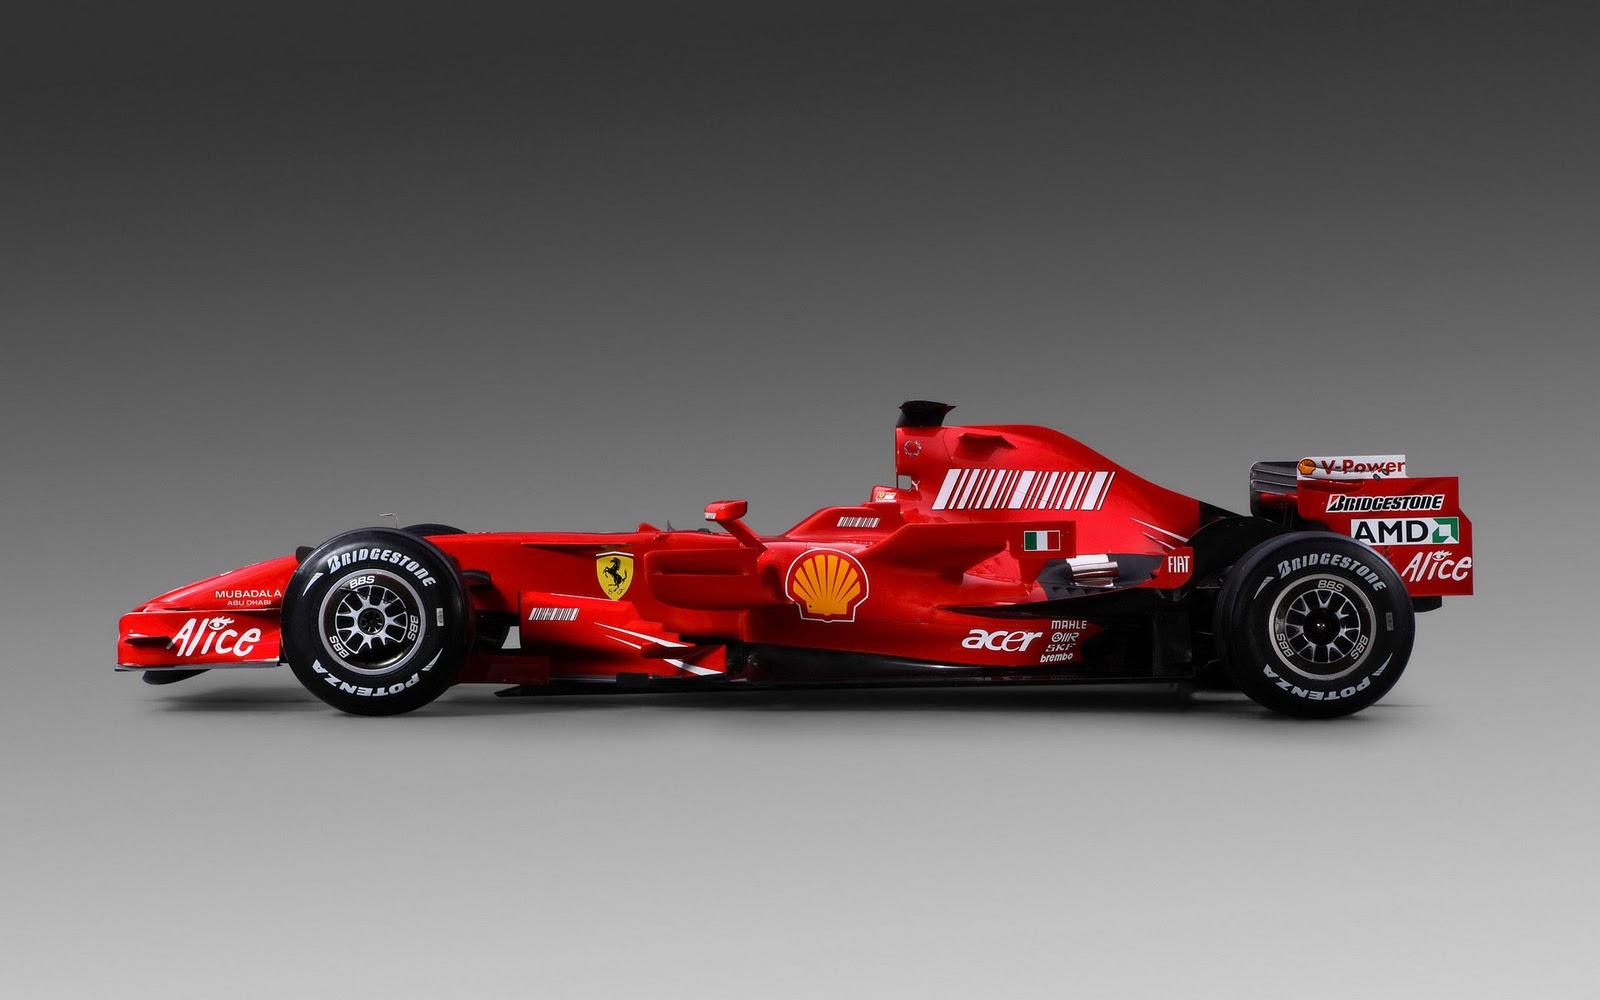 http://4.bp.blogspot.com/-hsxpJ15JQtI/TpBJi0E6aRI/AAAAAAAAAFI/f2Qmejfwtqs/s1600/Ferrari_+F1_wallpaper%252845%2529.jpg